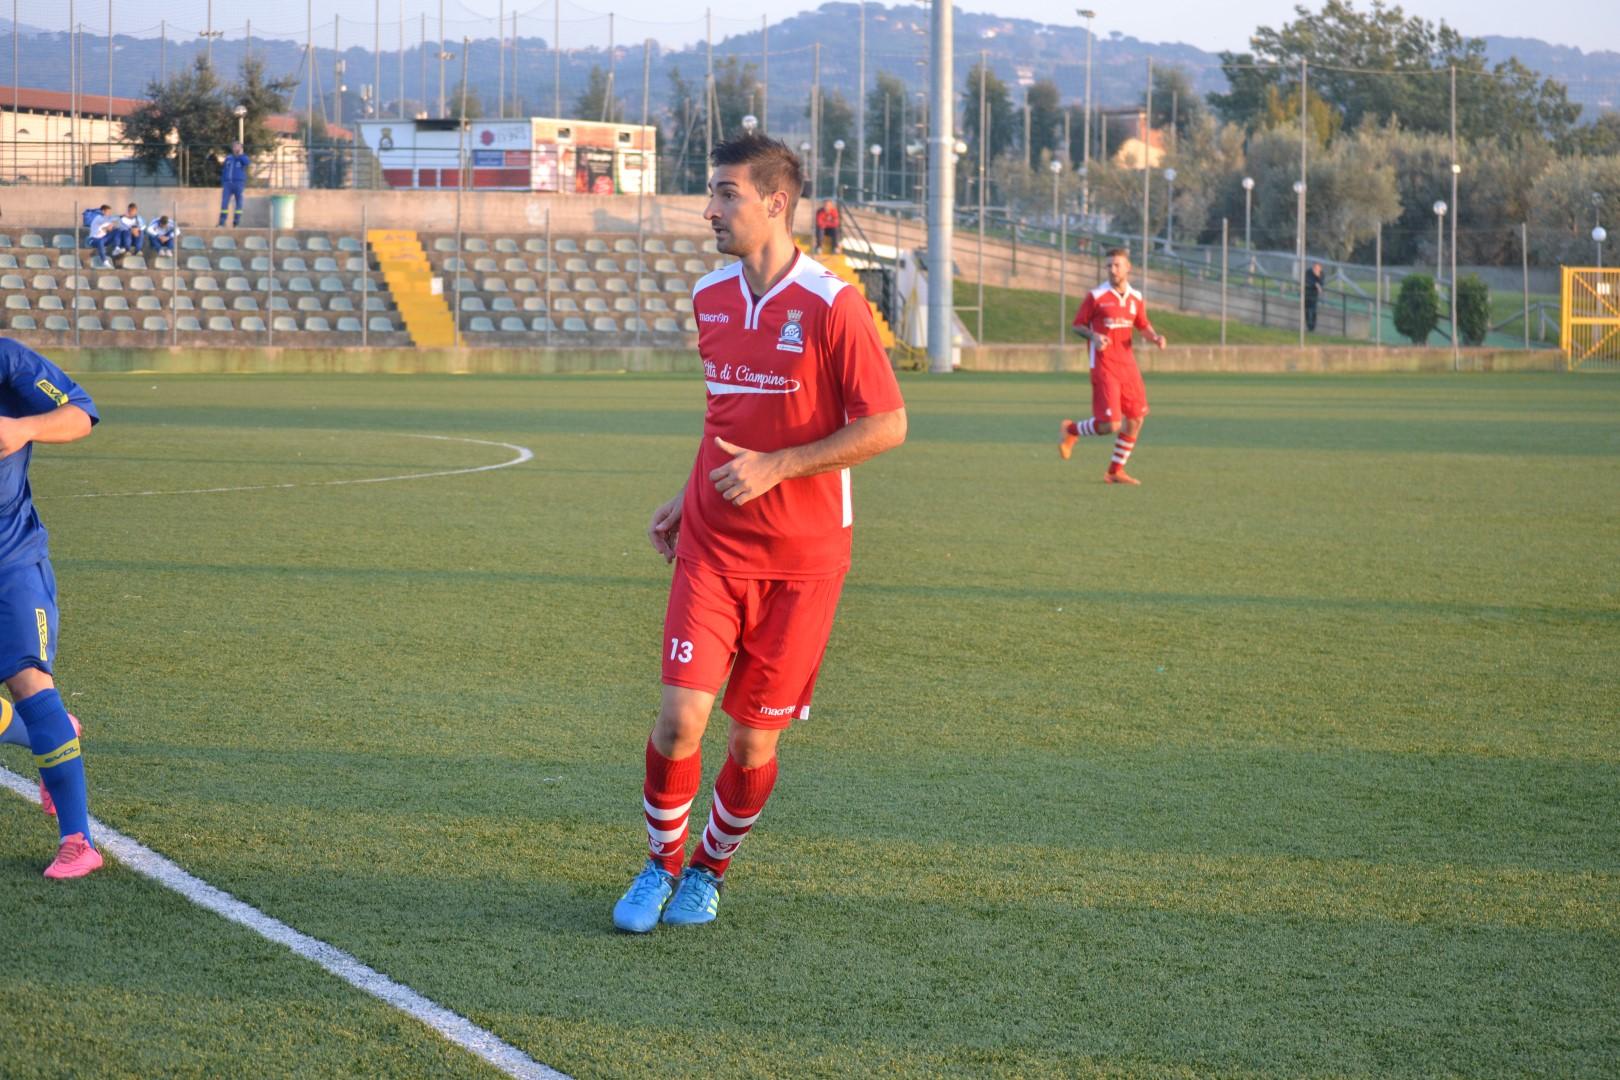 Daniele Asci